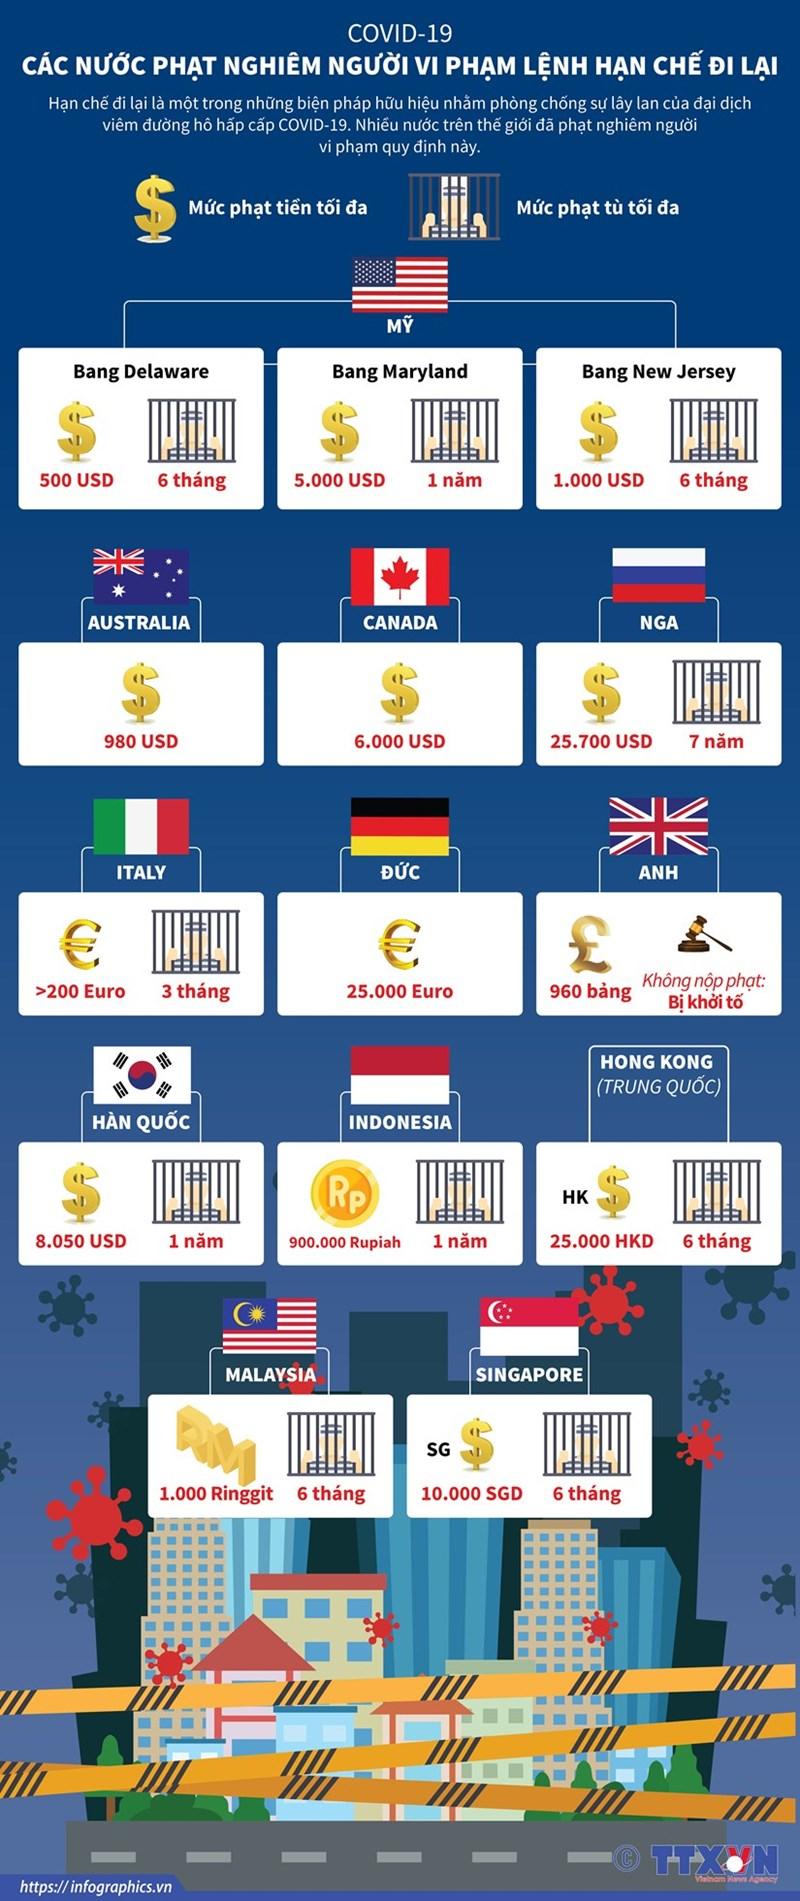 [Infographics] Mức phạt mà các nước áp dụng với người vi phạm lệnh hạn chế đi lại - Ảnh 1